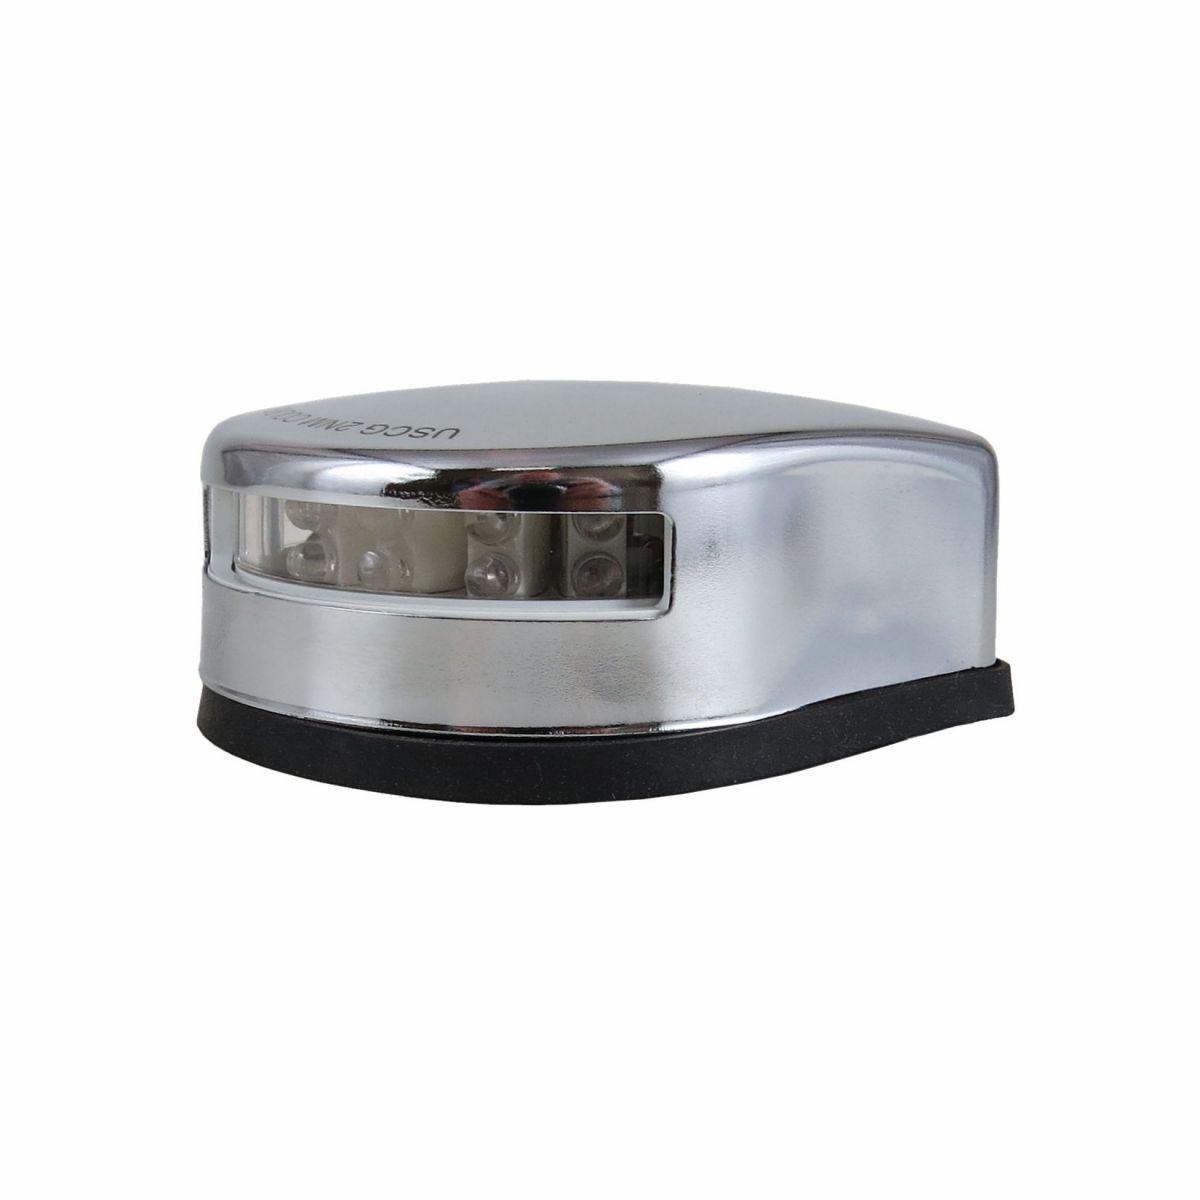 Luz De Navegação De Proa Bicolor LED Aço Inox 2 milhas